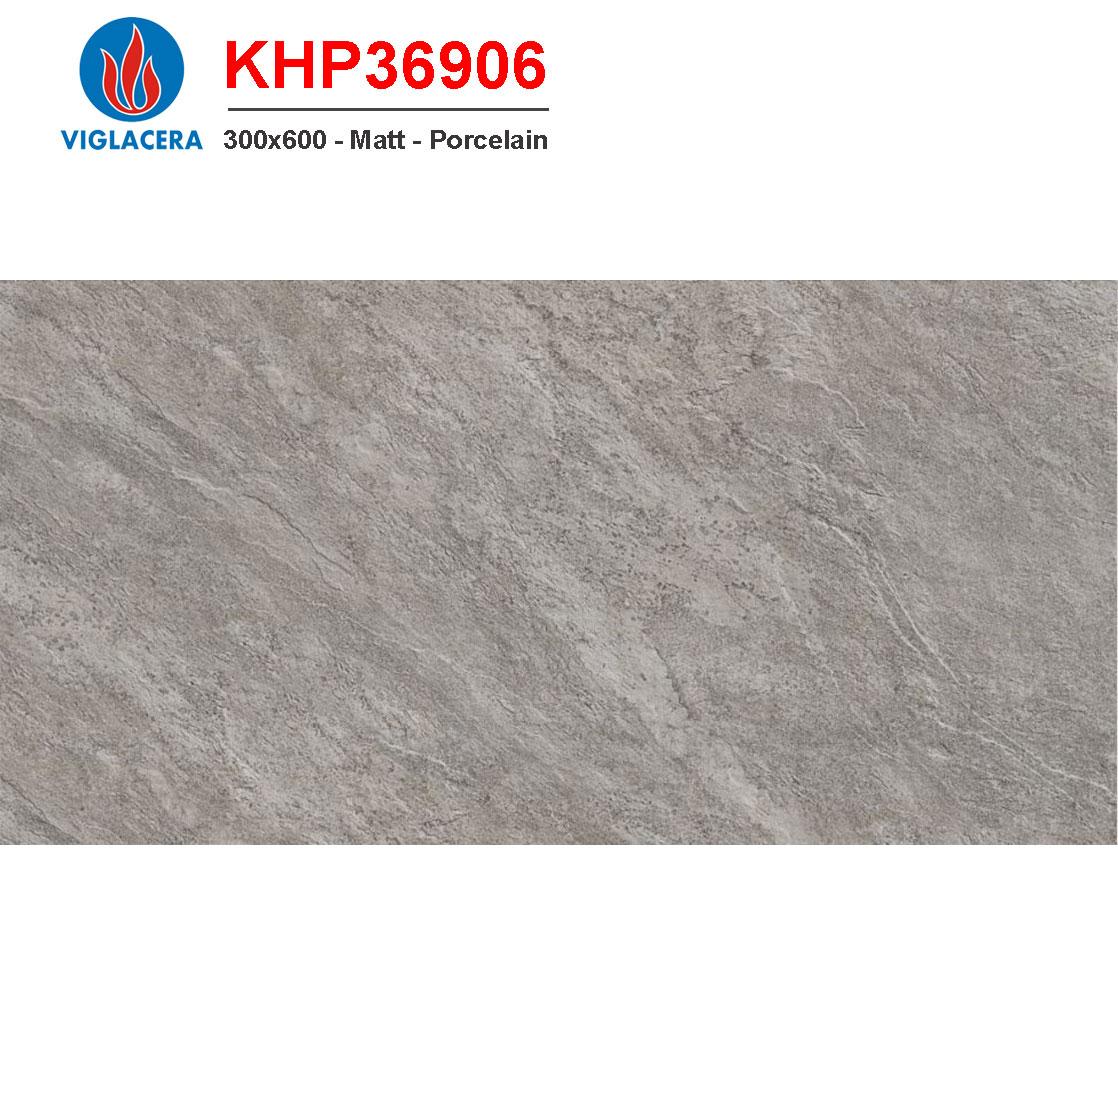 Gạch ốp tường Viglacera KHP36906 giá rẻ